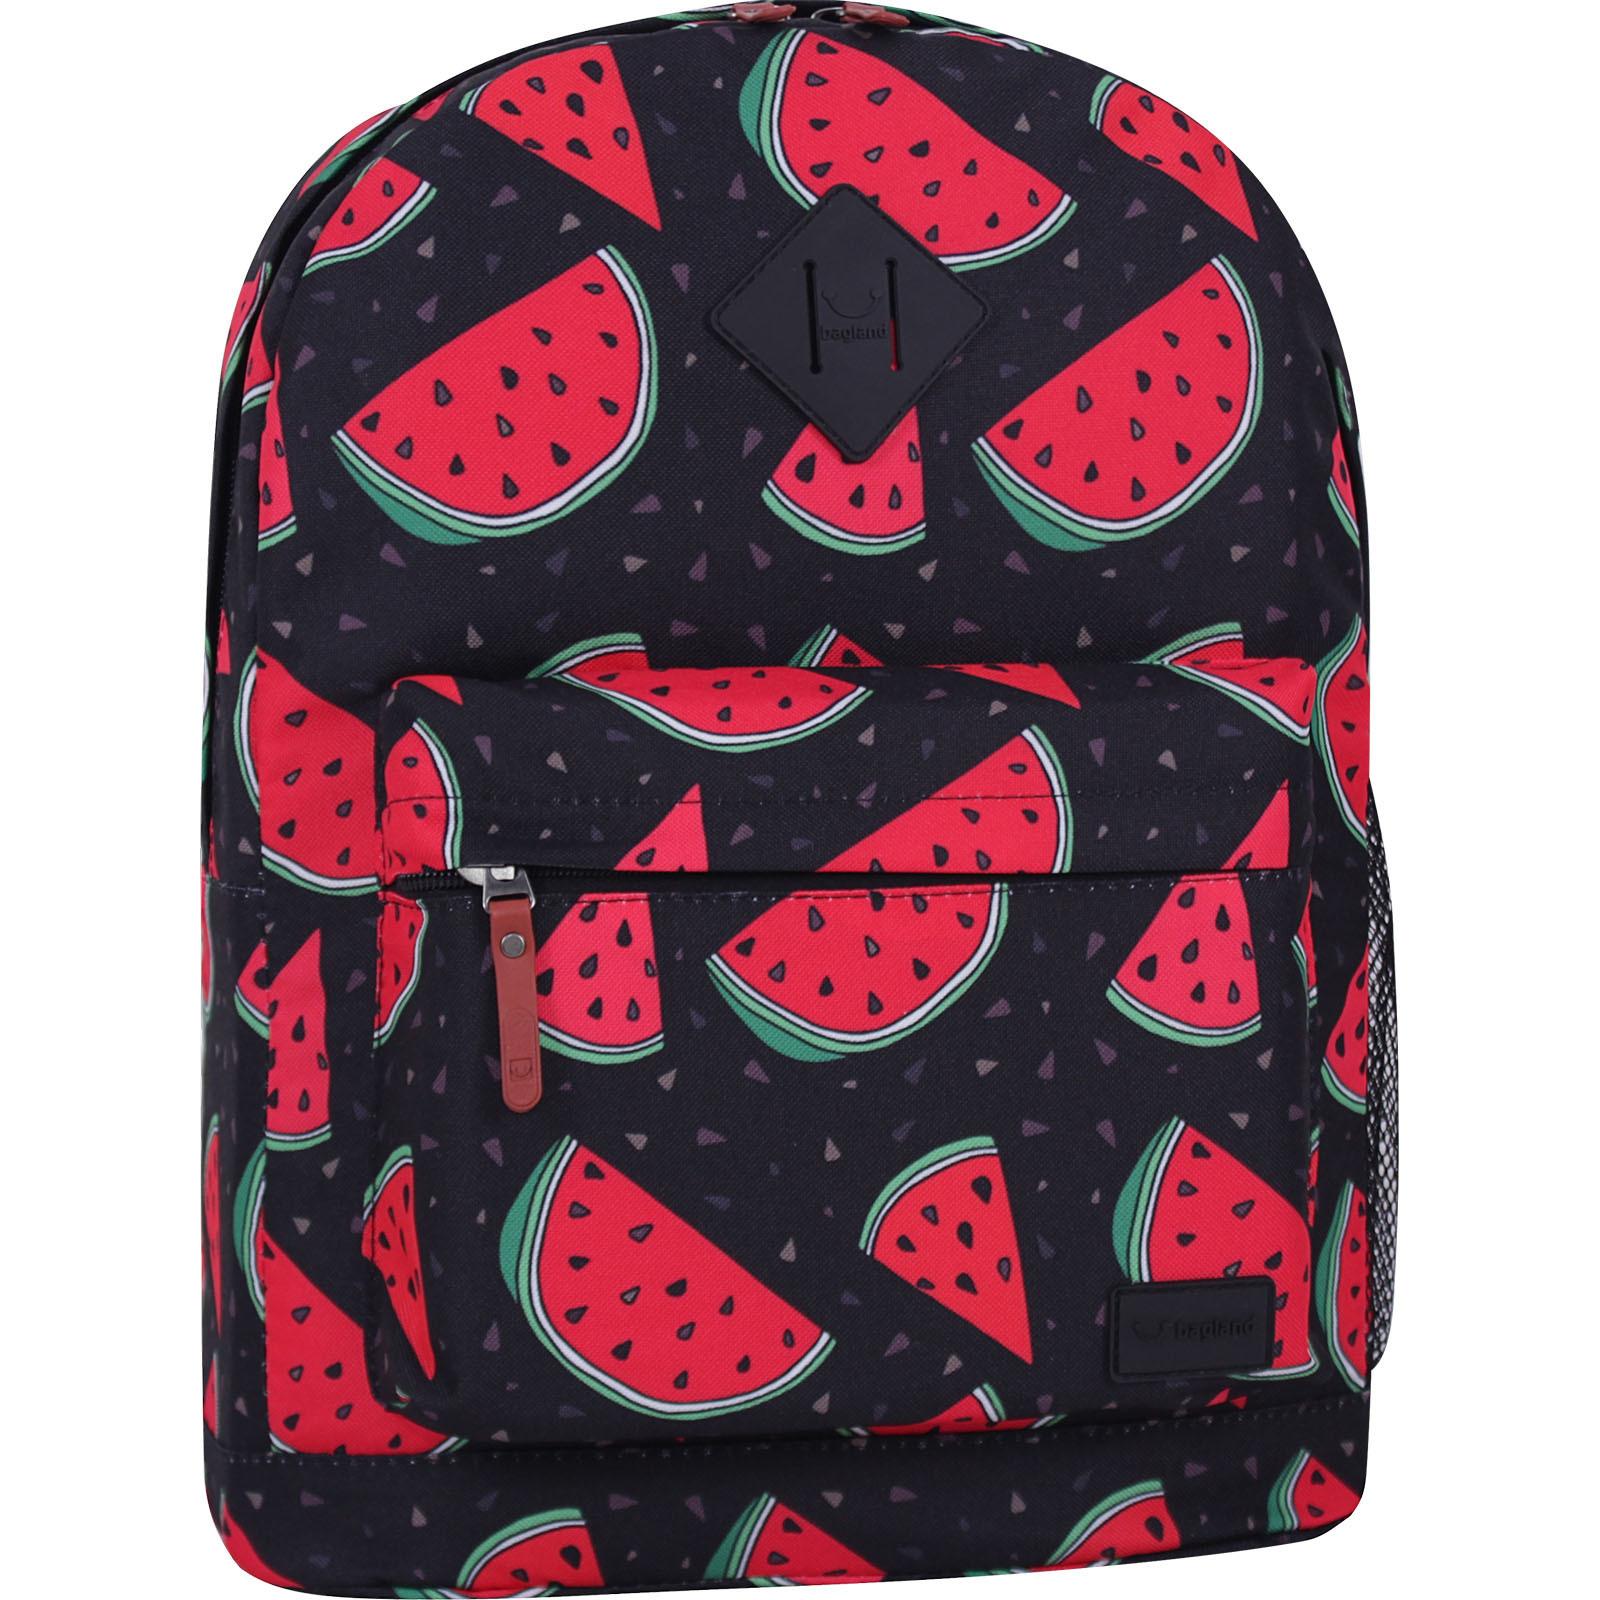 Молодежные рюкзаки Рюкзак Bagland Молодежный 17 л. сублімація 768 (00533664) IMG_7478_суб768_-1600.jpg